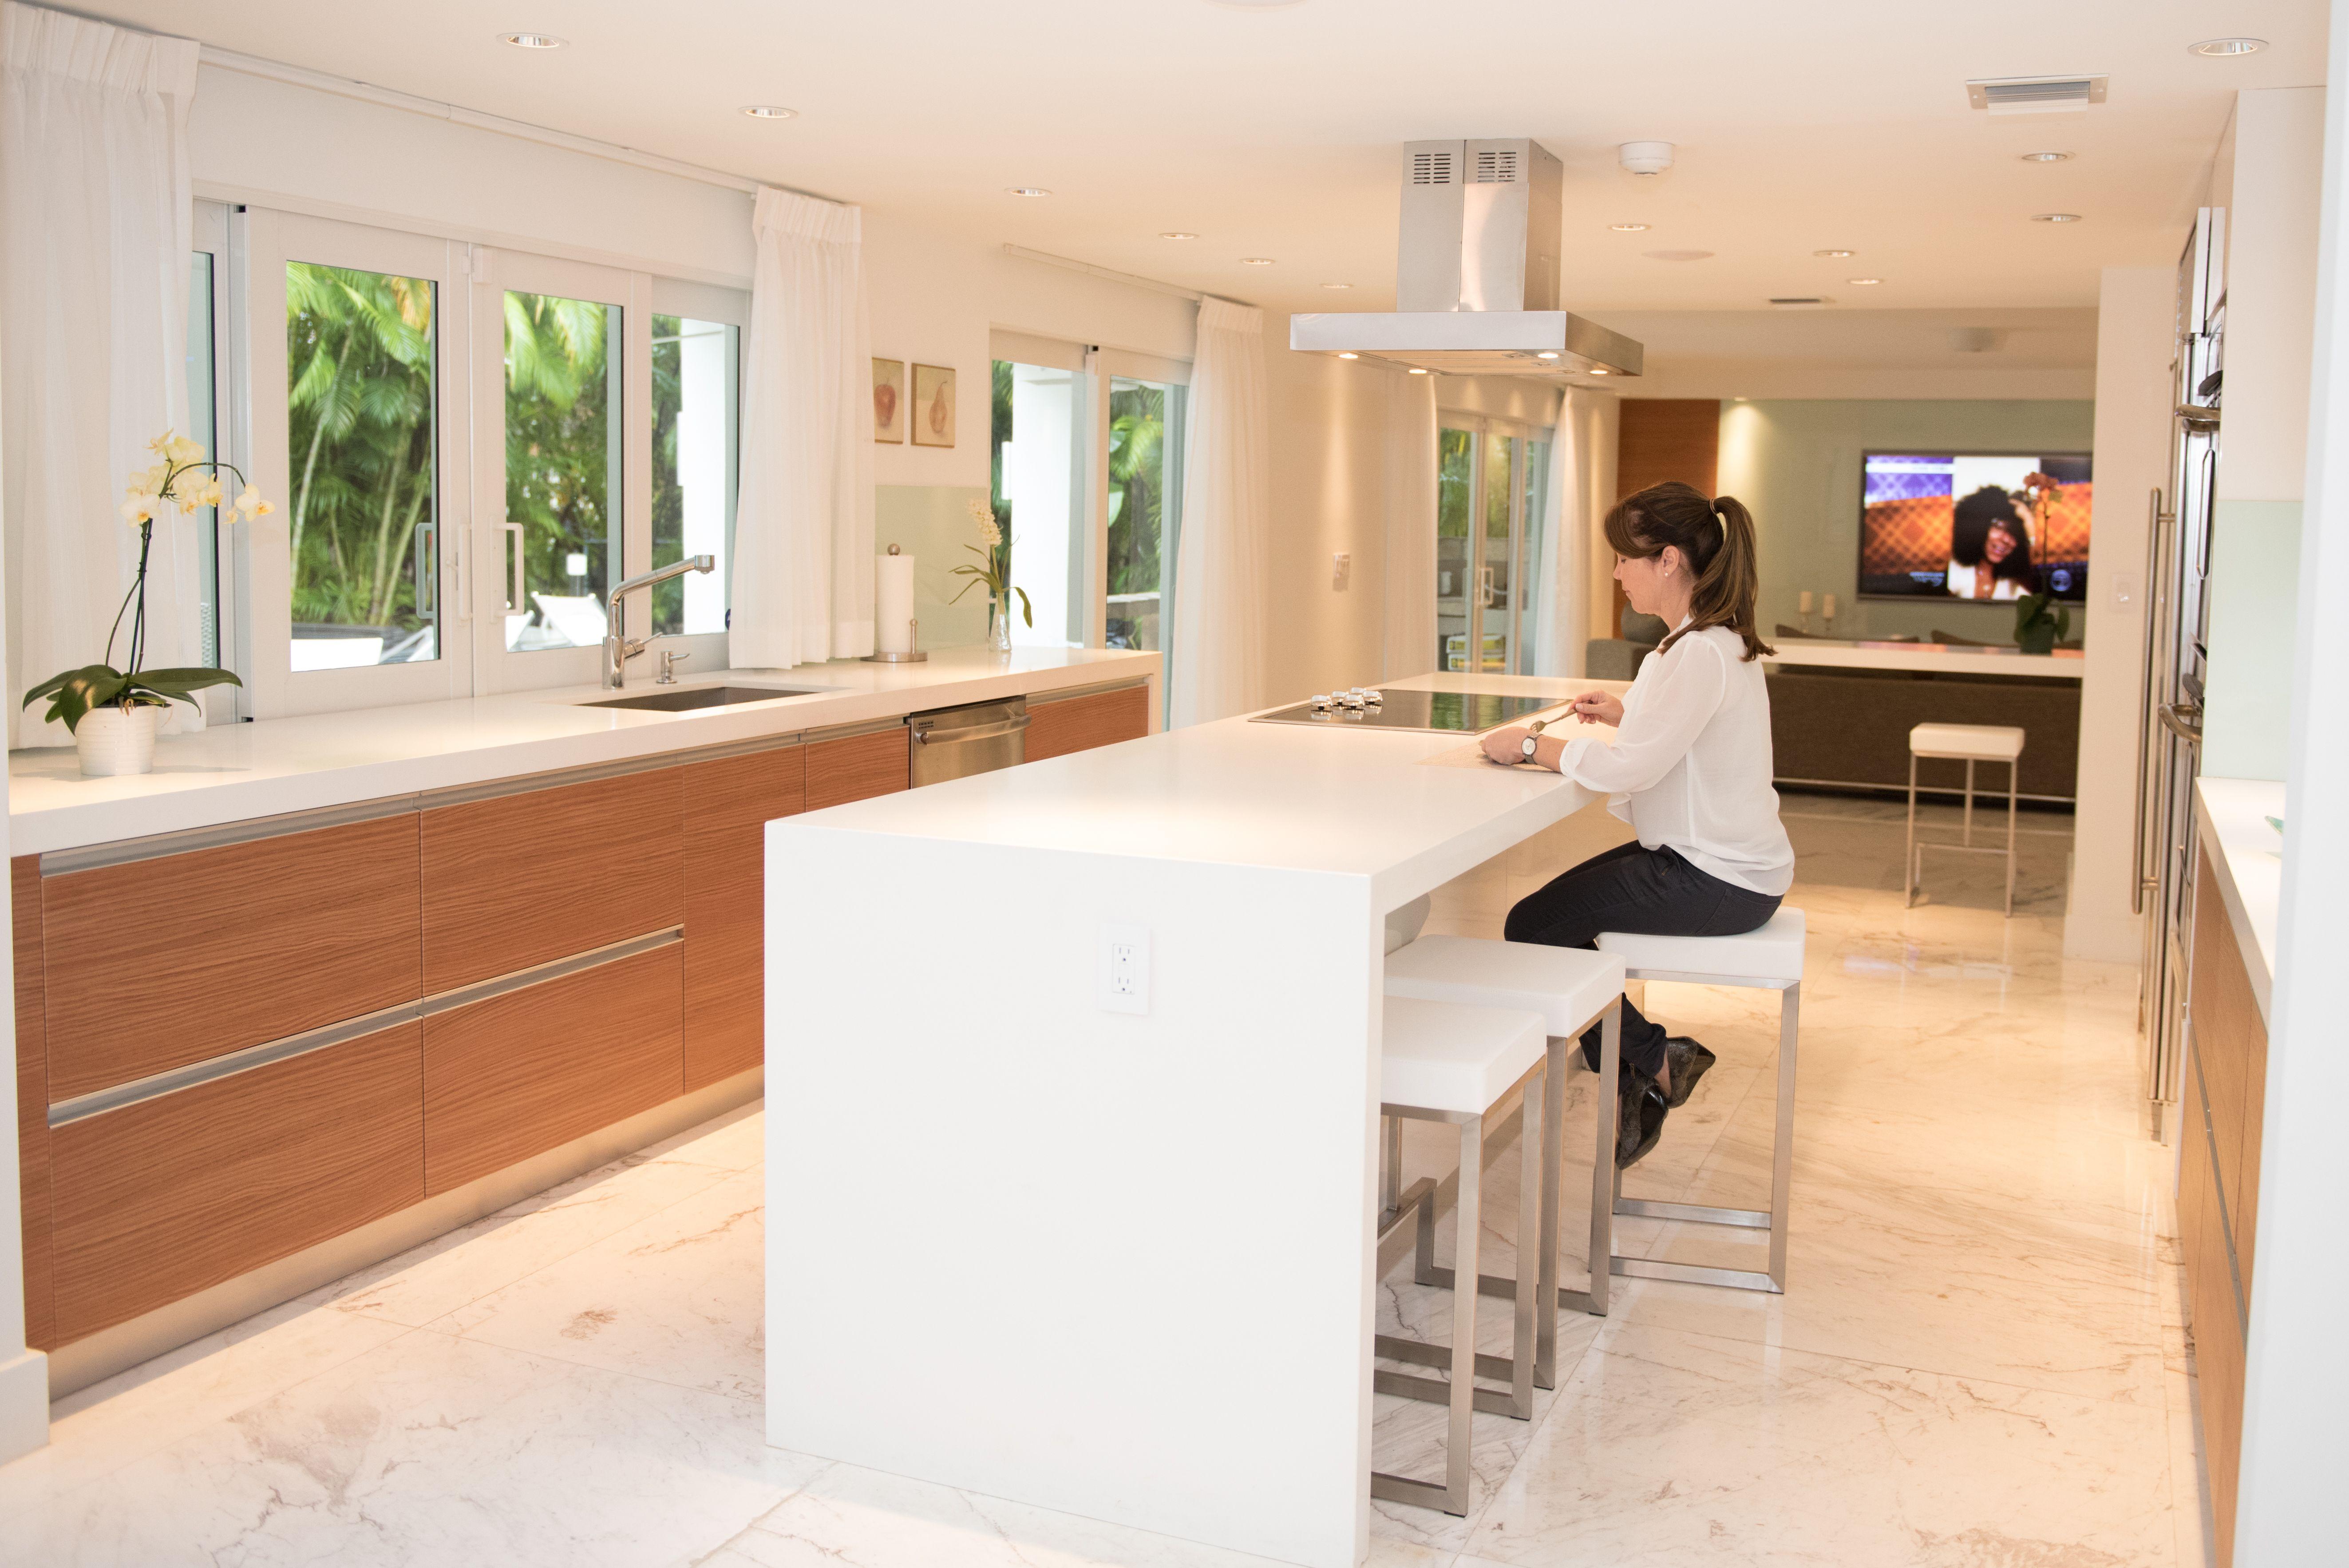 Modern Kitchen Cabinets in Miami | Modern kitchen cabinets ...